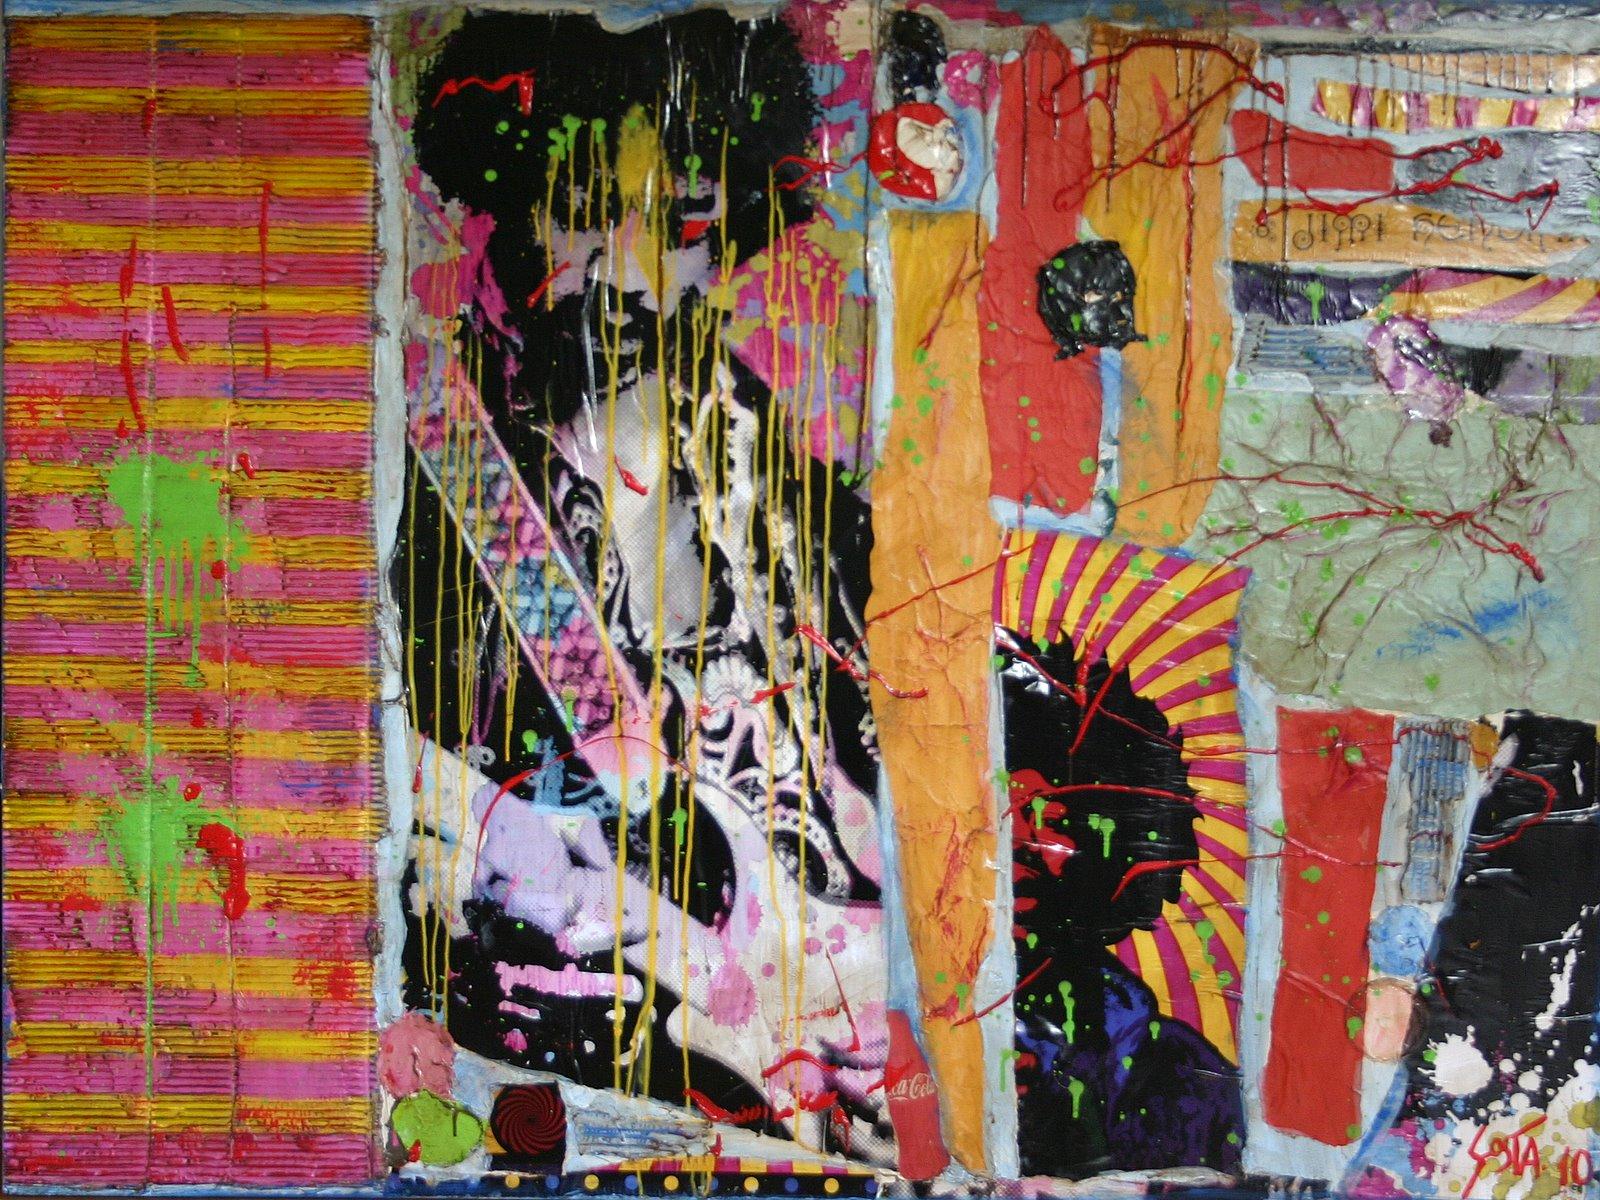 Tableau Contemporain, J.H. Sophie Costa, artiste peintre.